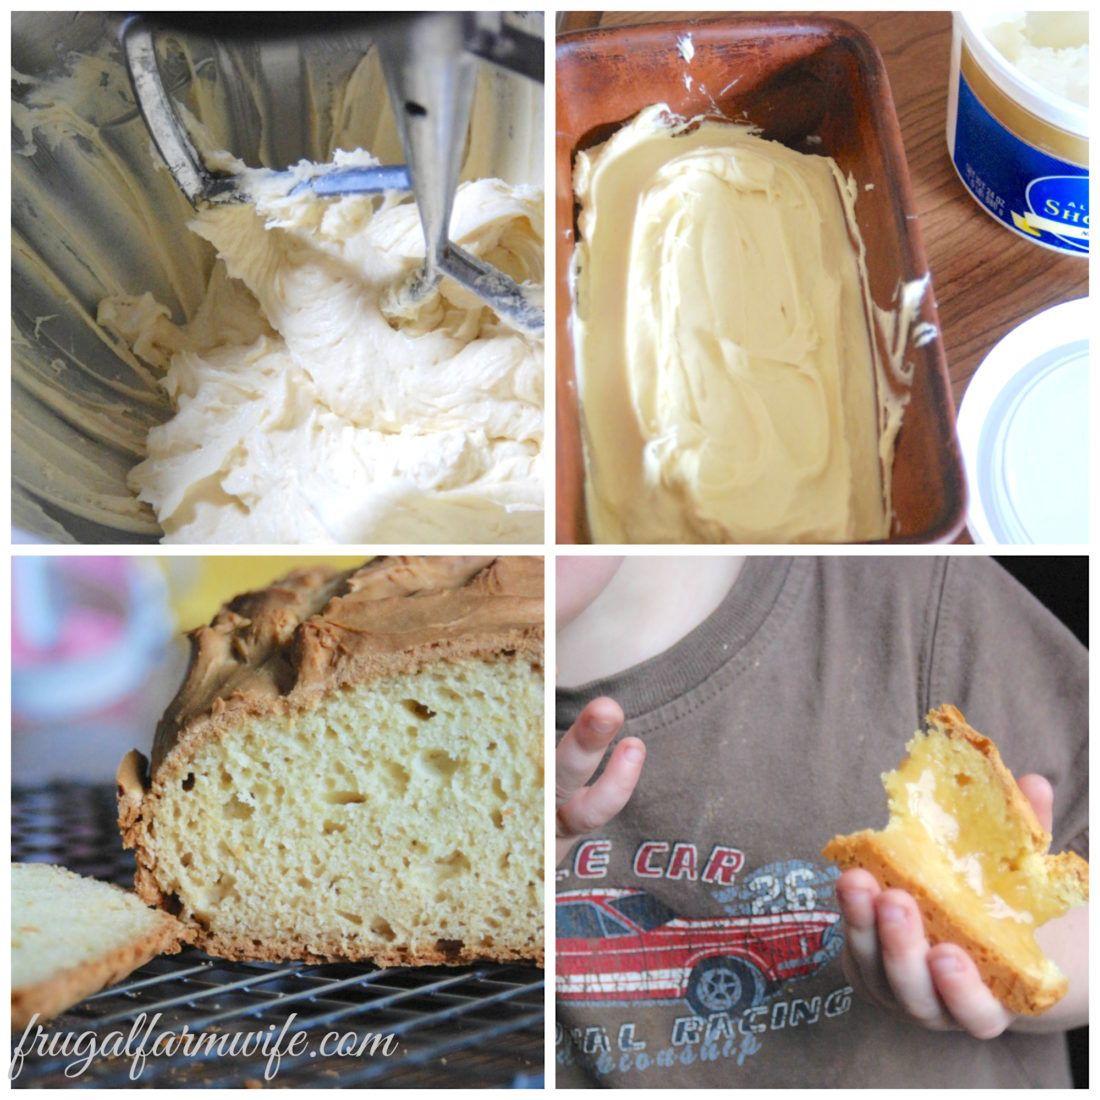 GlutenFree YeastFree Sandwich Bread Recipe Yeast